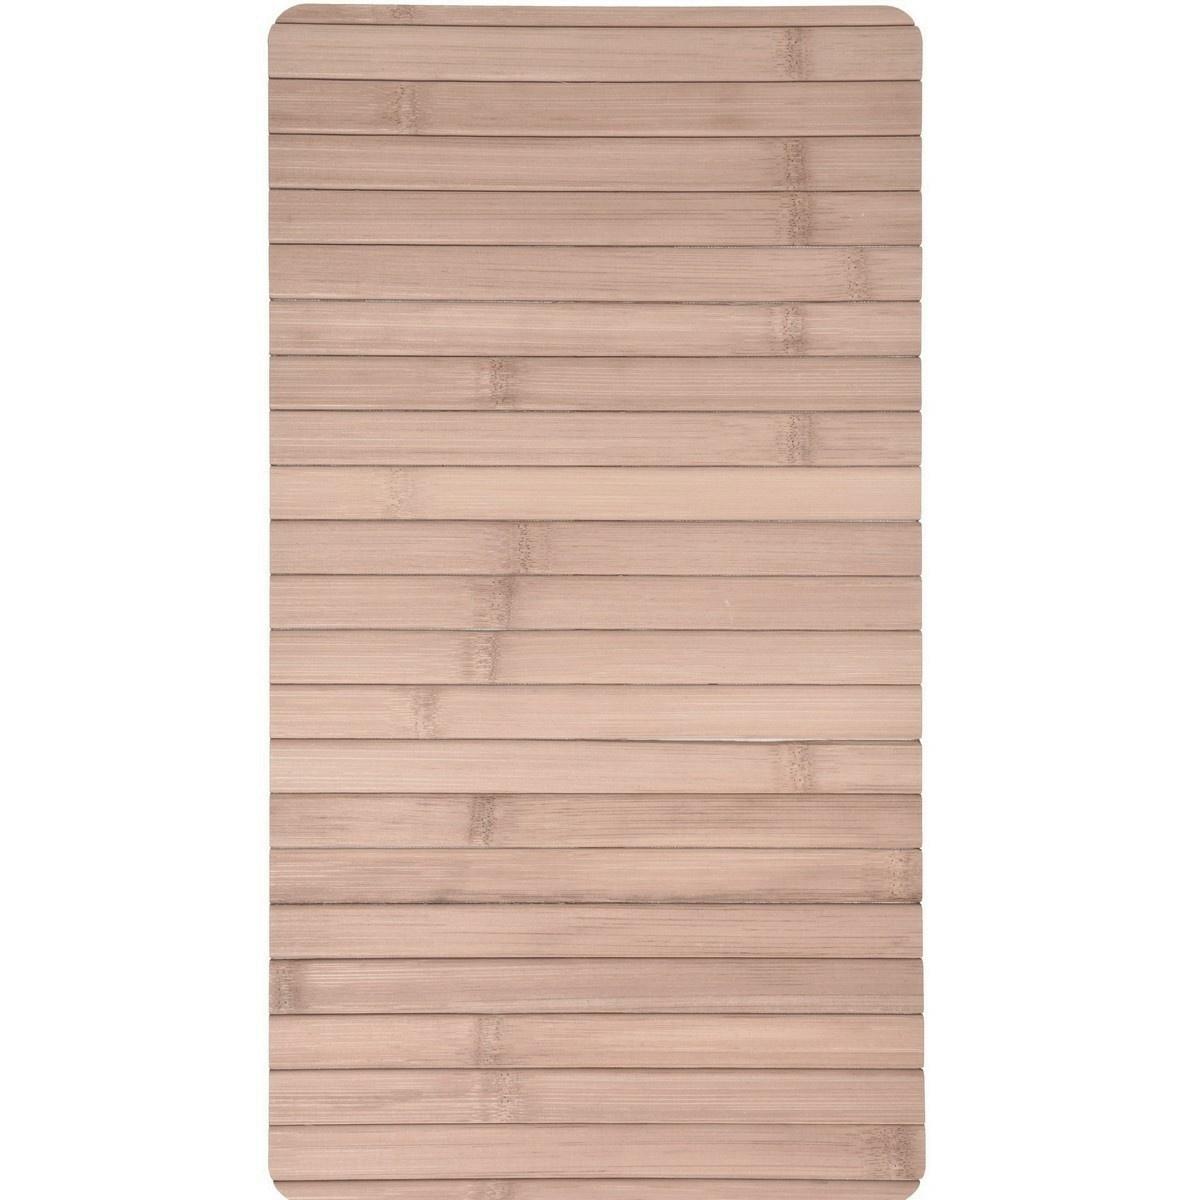 Bambusová servírovacia podložka 44 x 24 cm, svetlohnedá